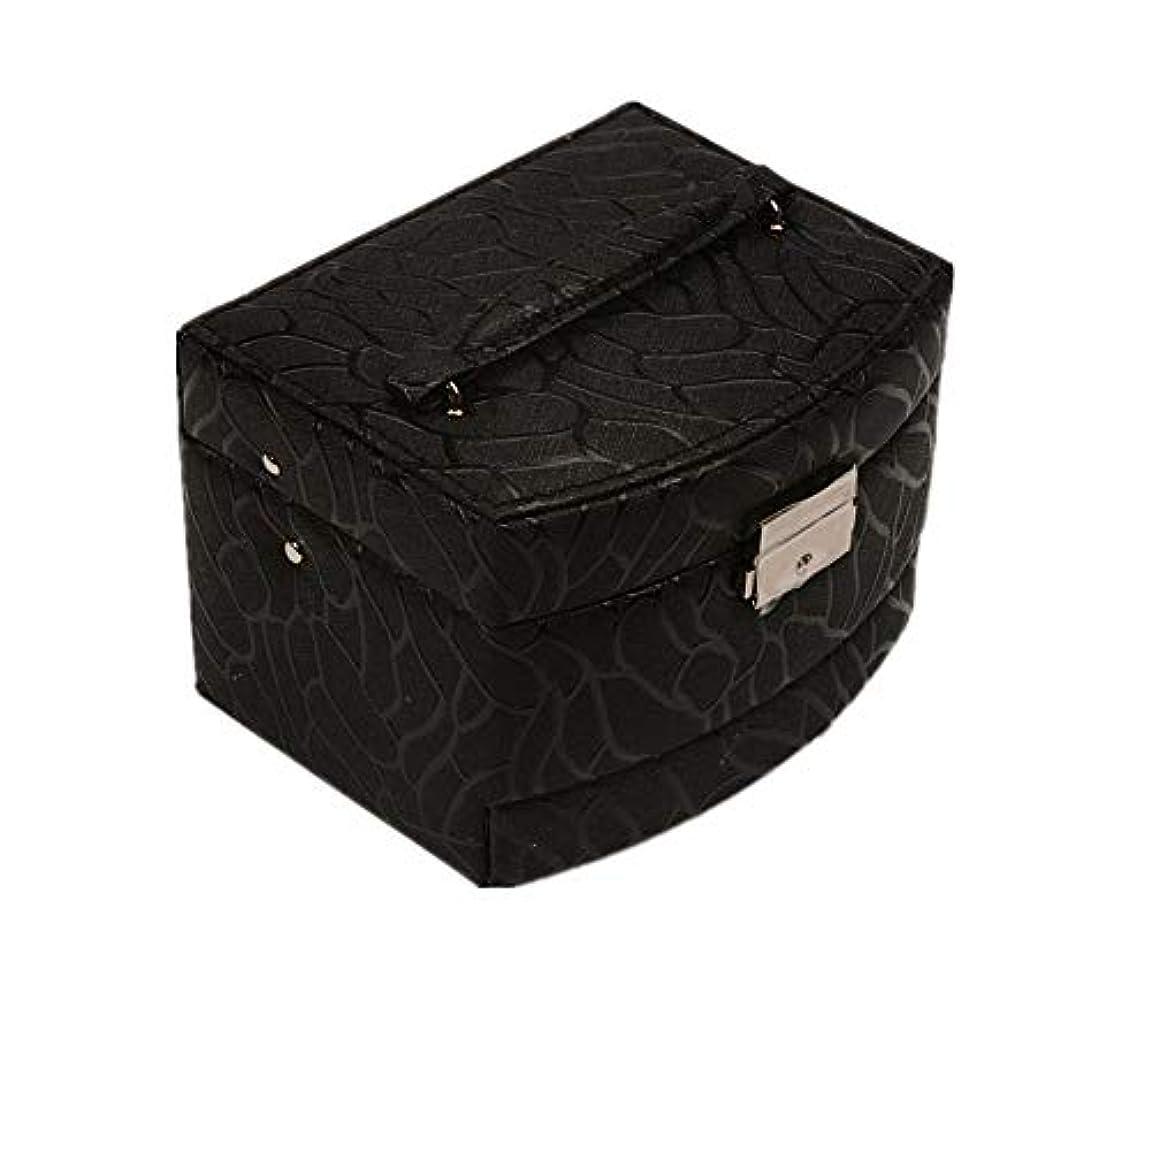 化粧オーガナイザーバッグ 純粋な色のポータブル多層化粧品美容メイクアップ化粧ケースロックと化粧品ミラー 化粧品ケース